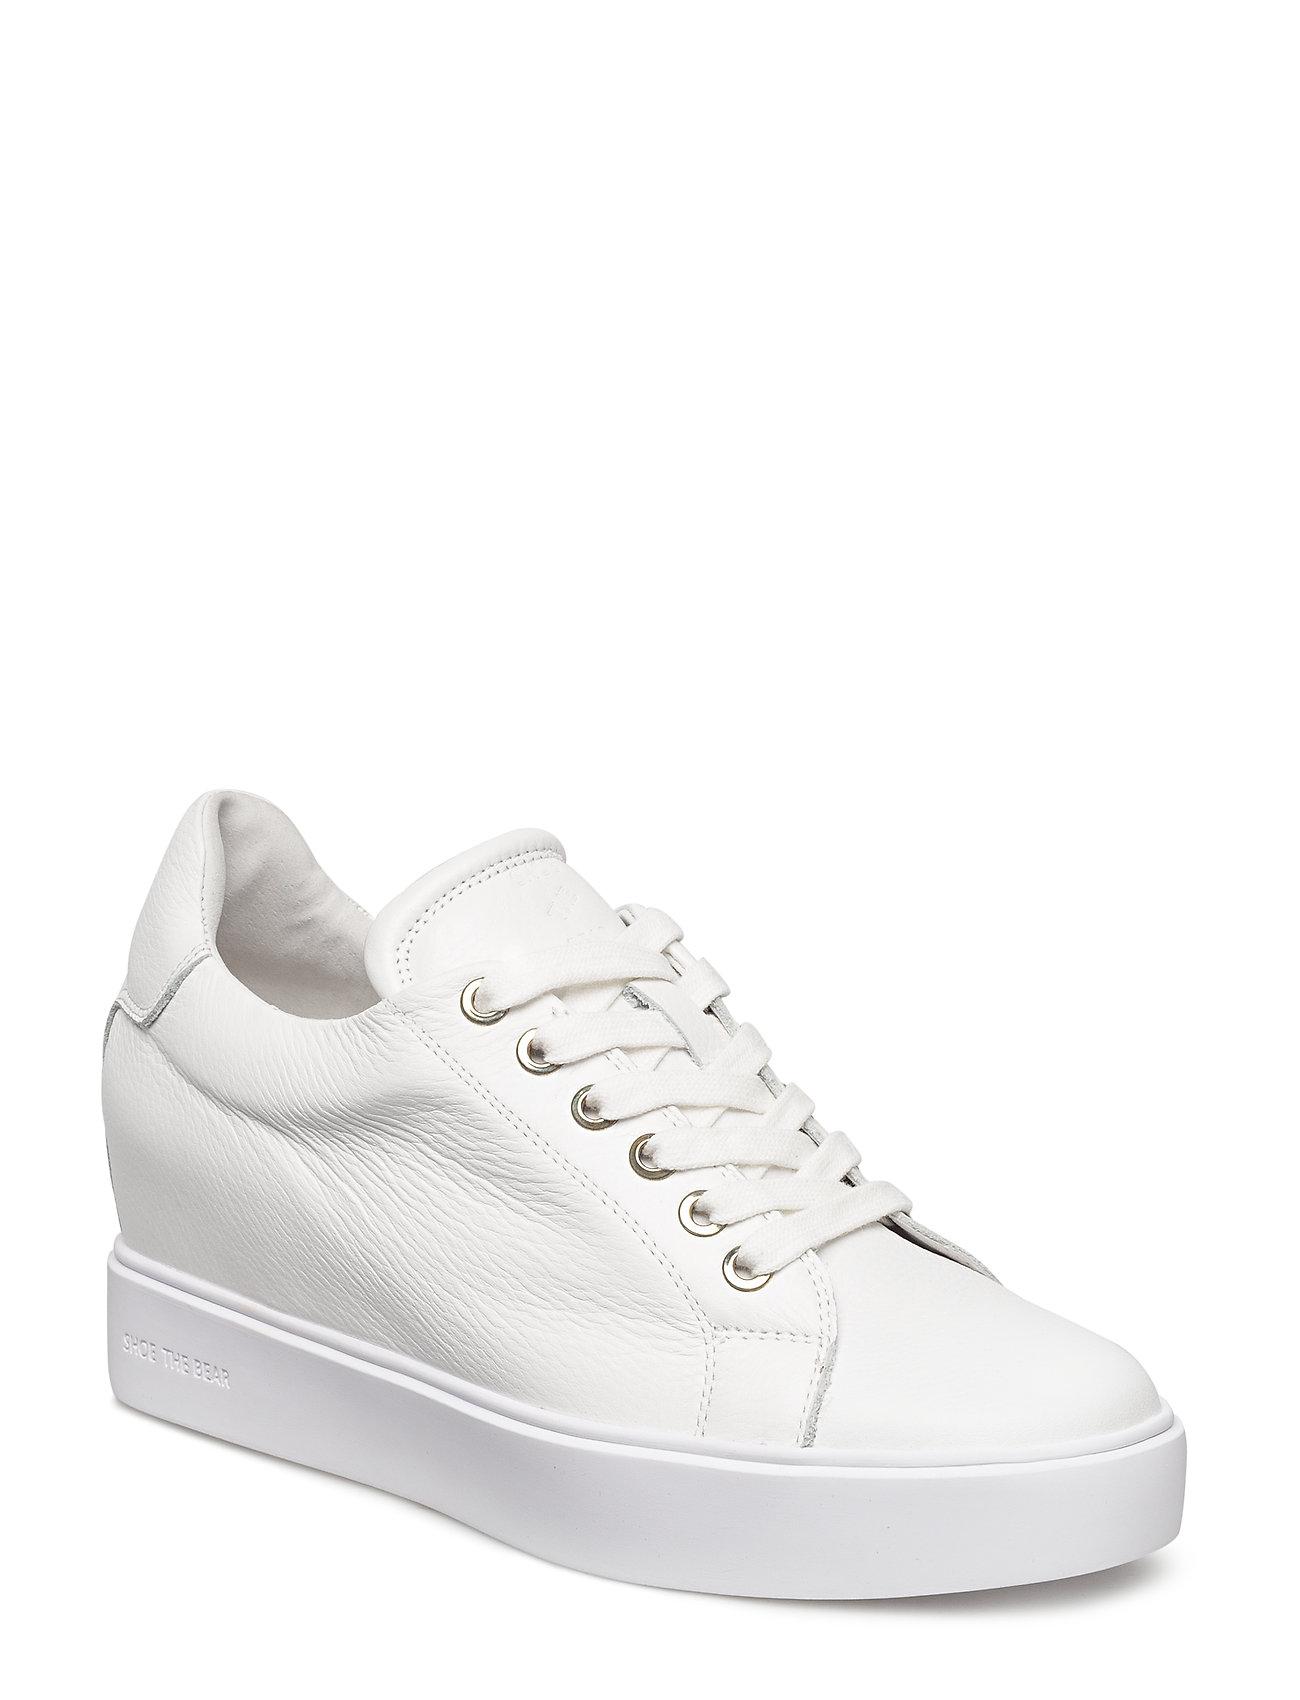 Image of Ava Grain Low-top Sneakers Hvid Shoe The Bear (3329981363)